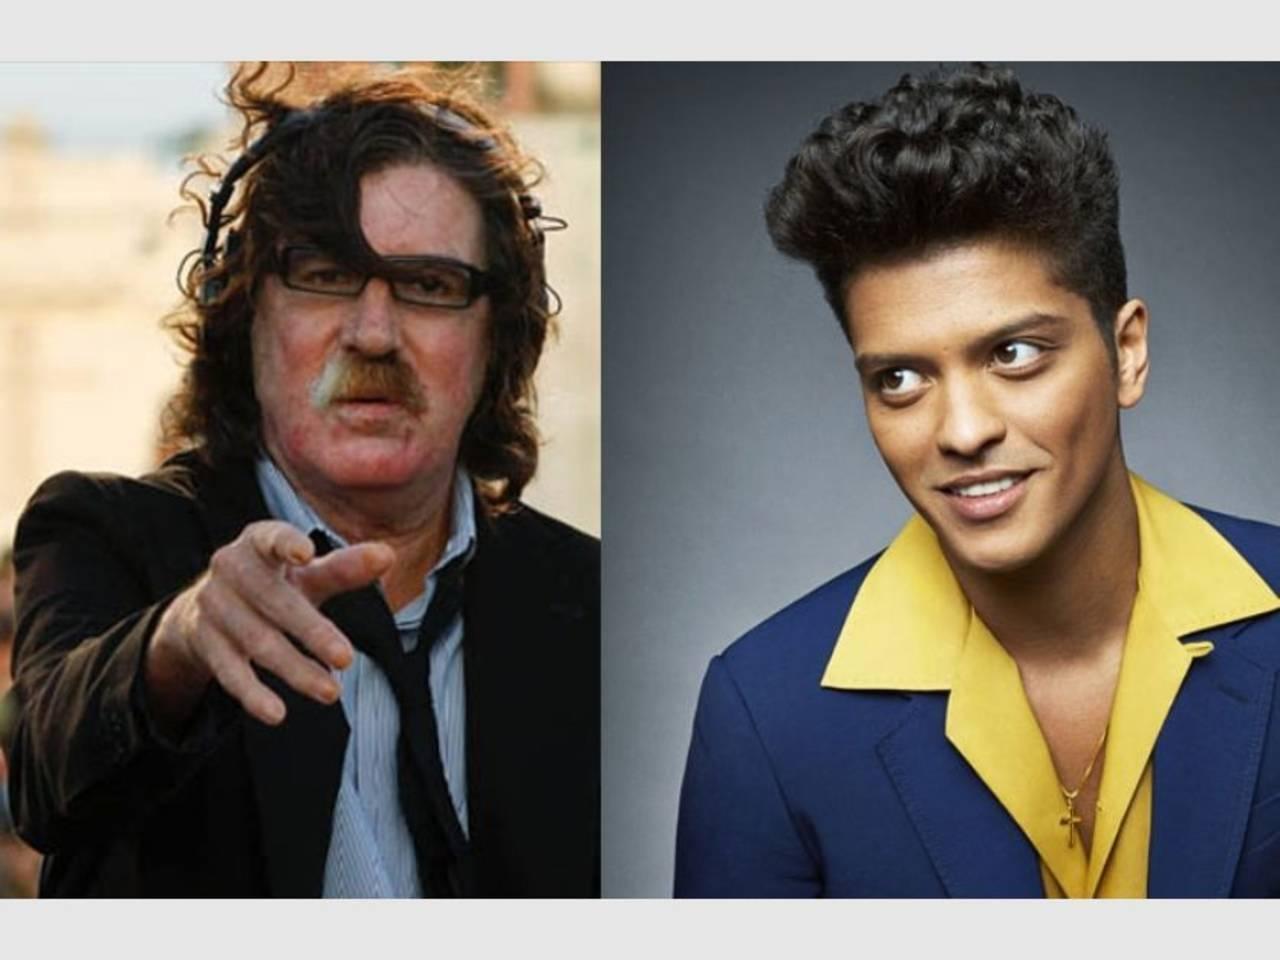 Acusa a Bruno Mars de plagio